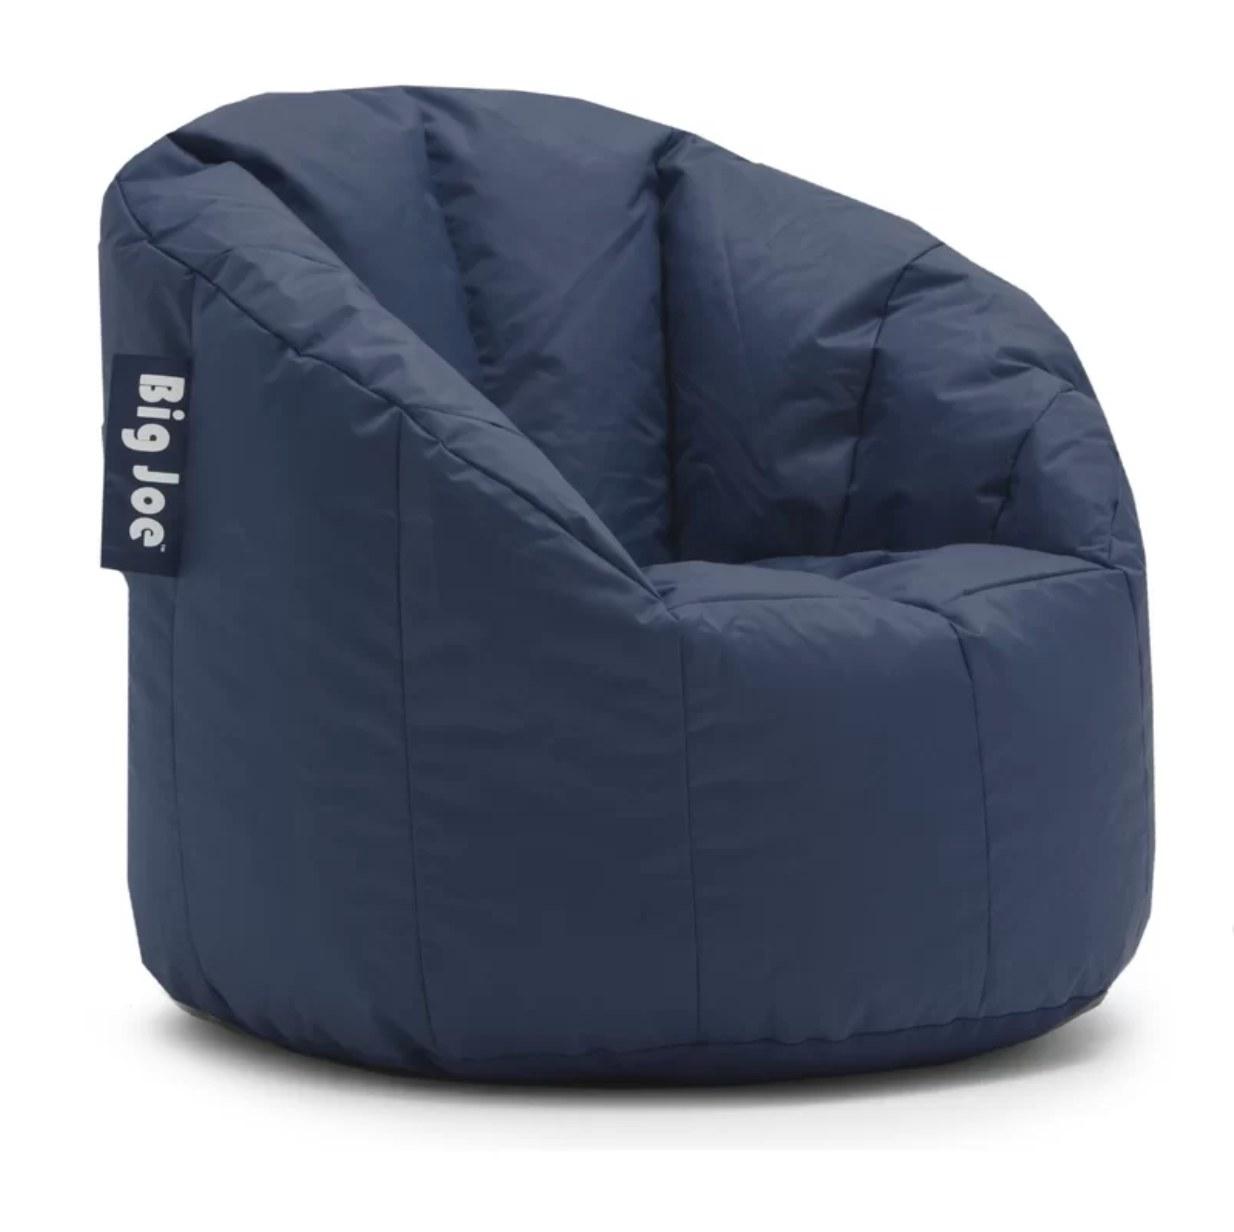 The bean bag chair in blue